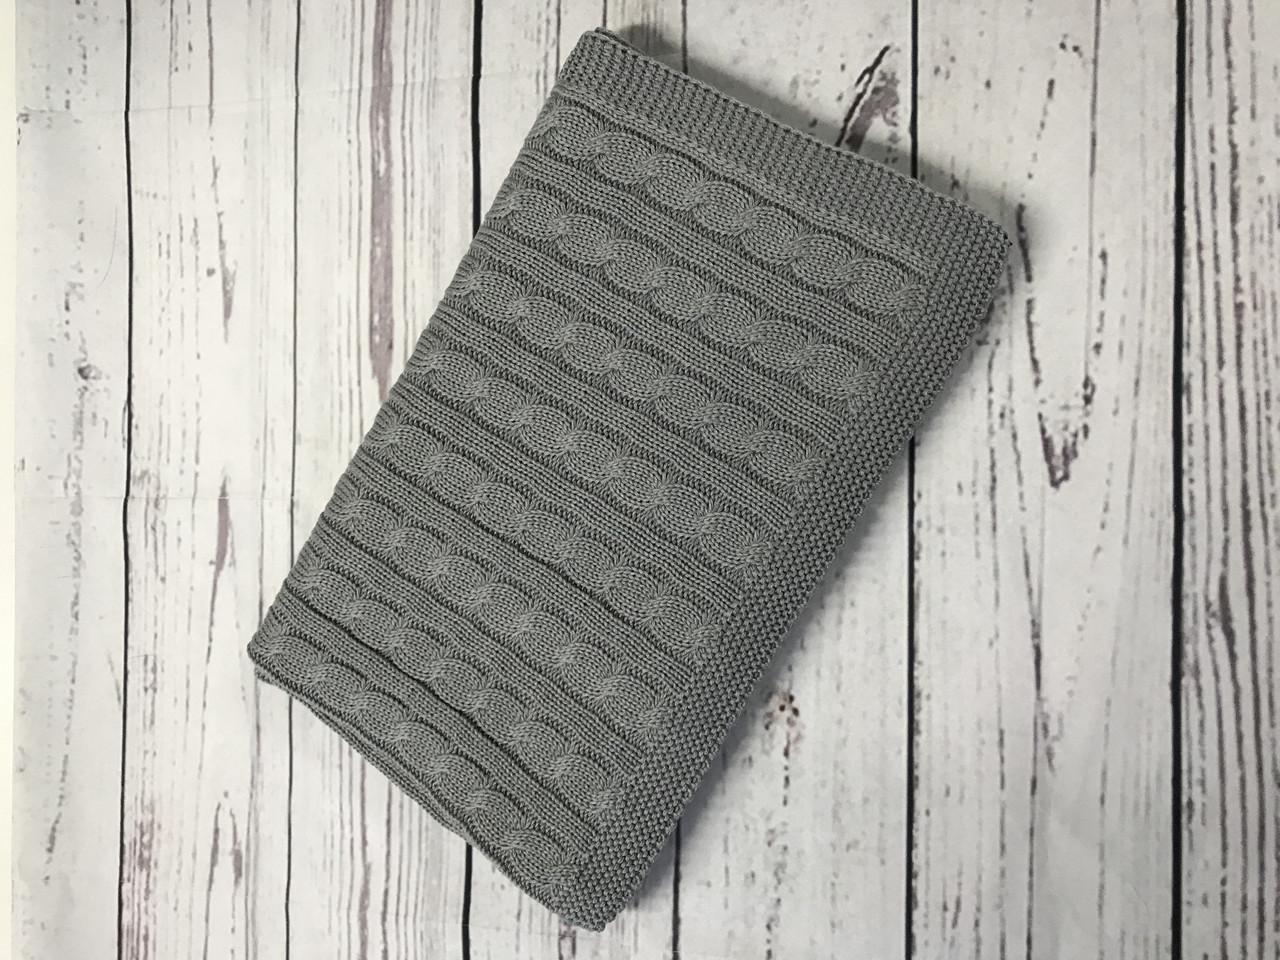 Плед вязанный (90% хлопок, 10% акрил) косичка графит 95*75 см